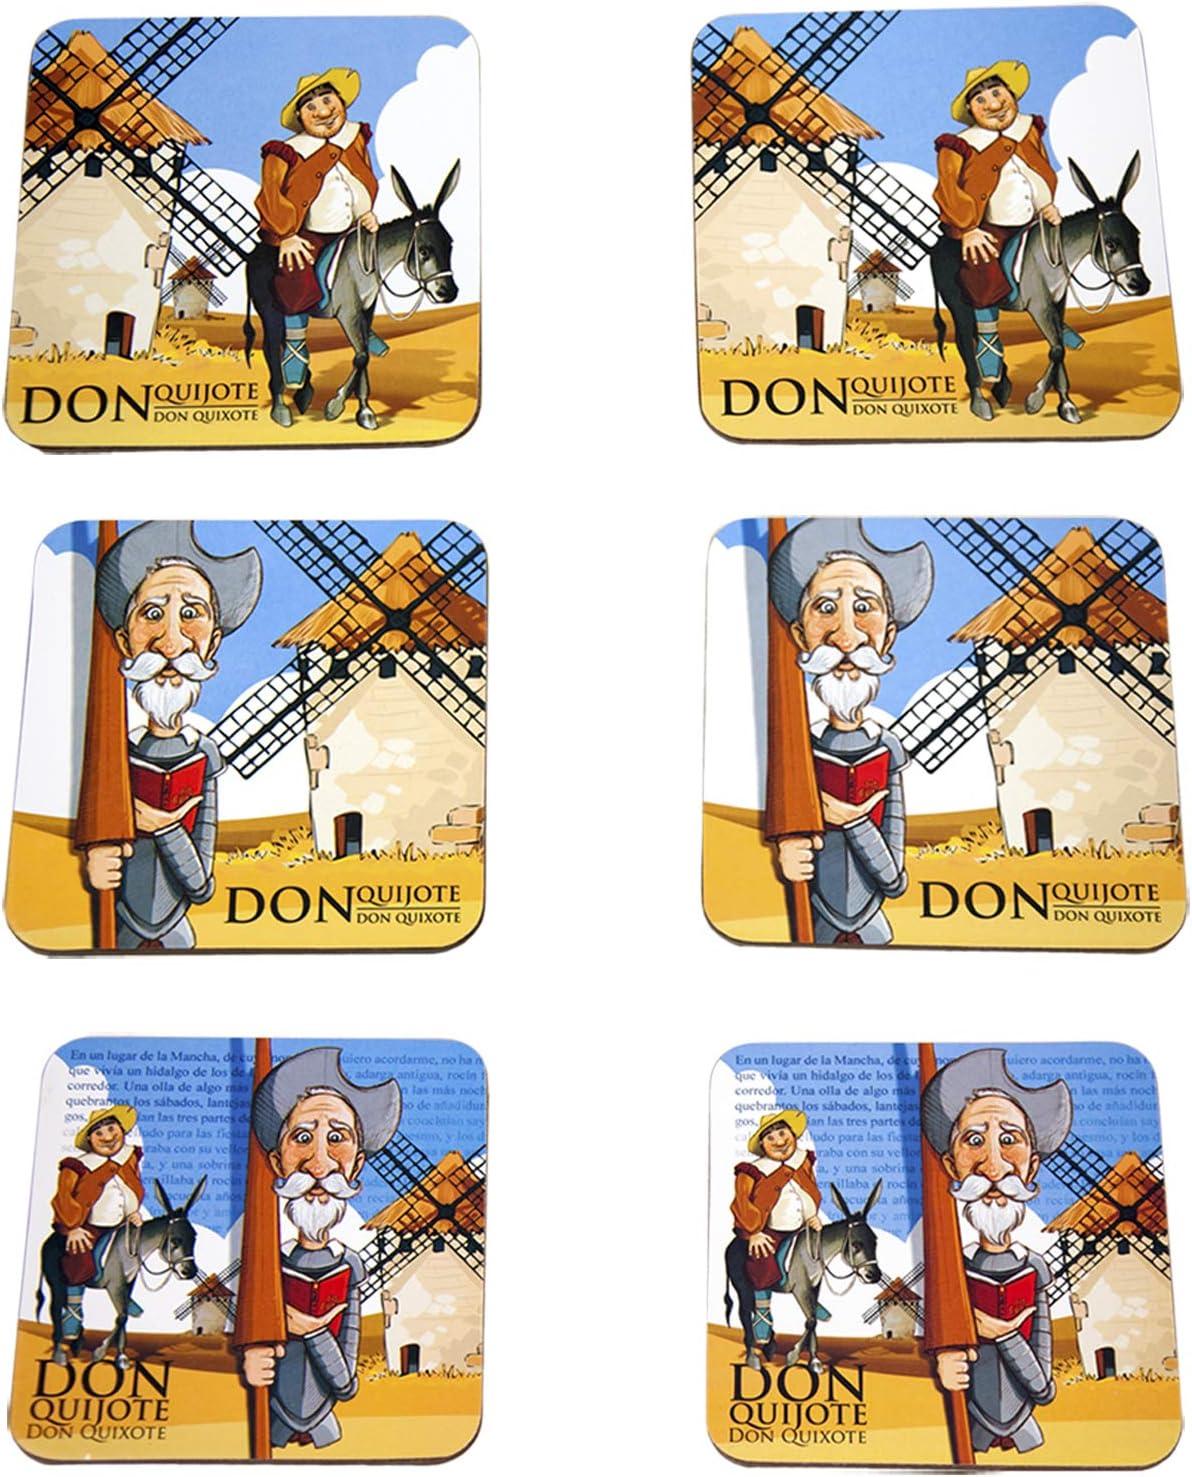 10/cm Arabesk Tassen Giordano di Ponzano/® Untersetzer f/ür Gl/äser Blumenvasen oder Kerzen Korkbasis 6/St/ück quadratisch hochwertiges Design